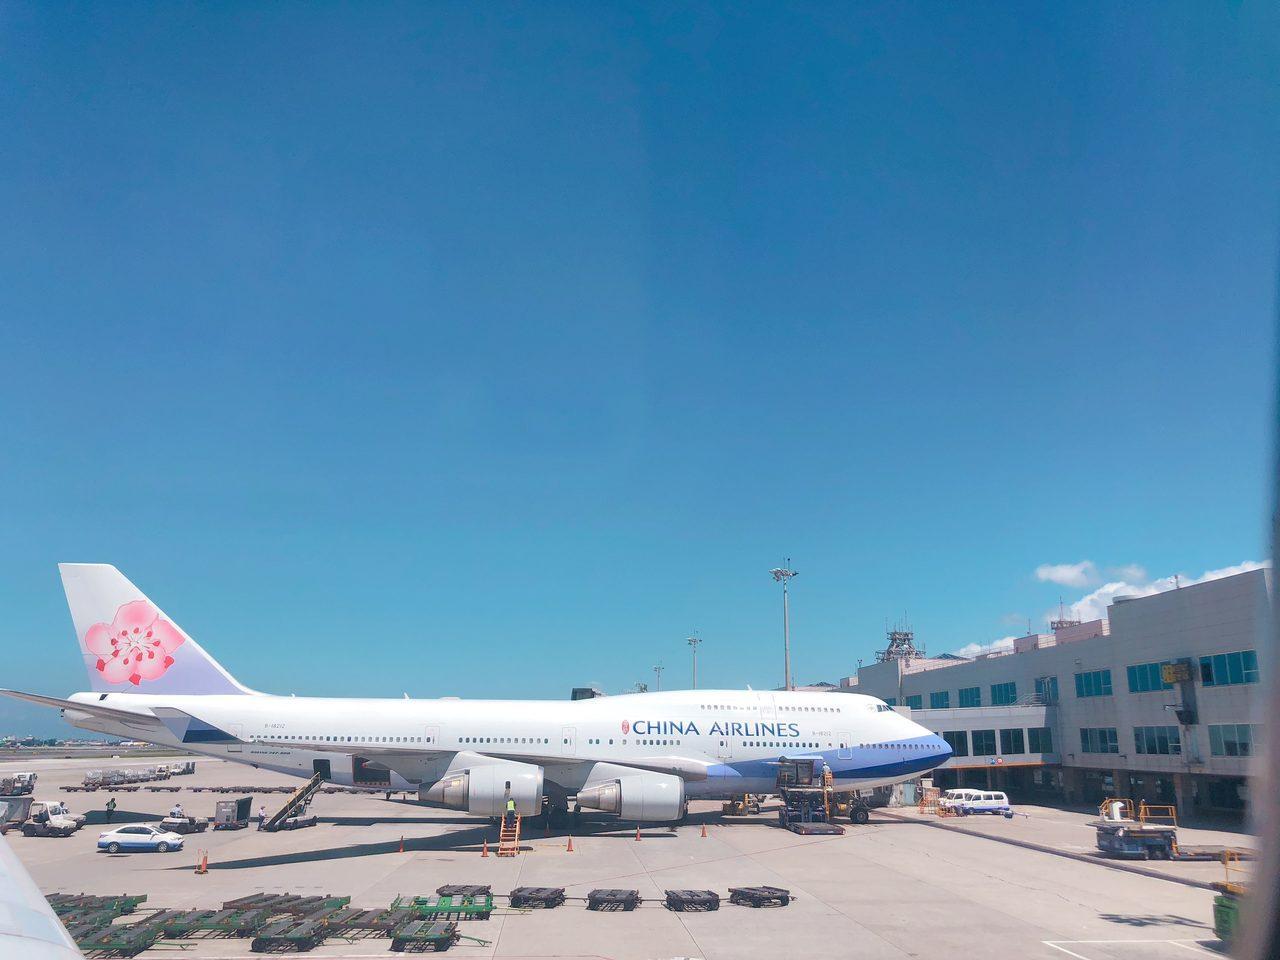 華航飛往釜山、福岡等航班取消,旅客出發前先查詢航班資訊。記者魏妤庭/攝影